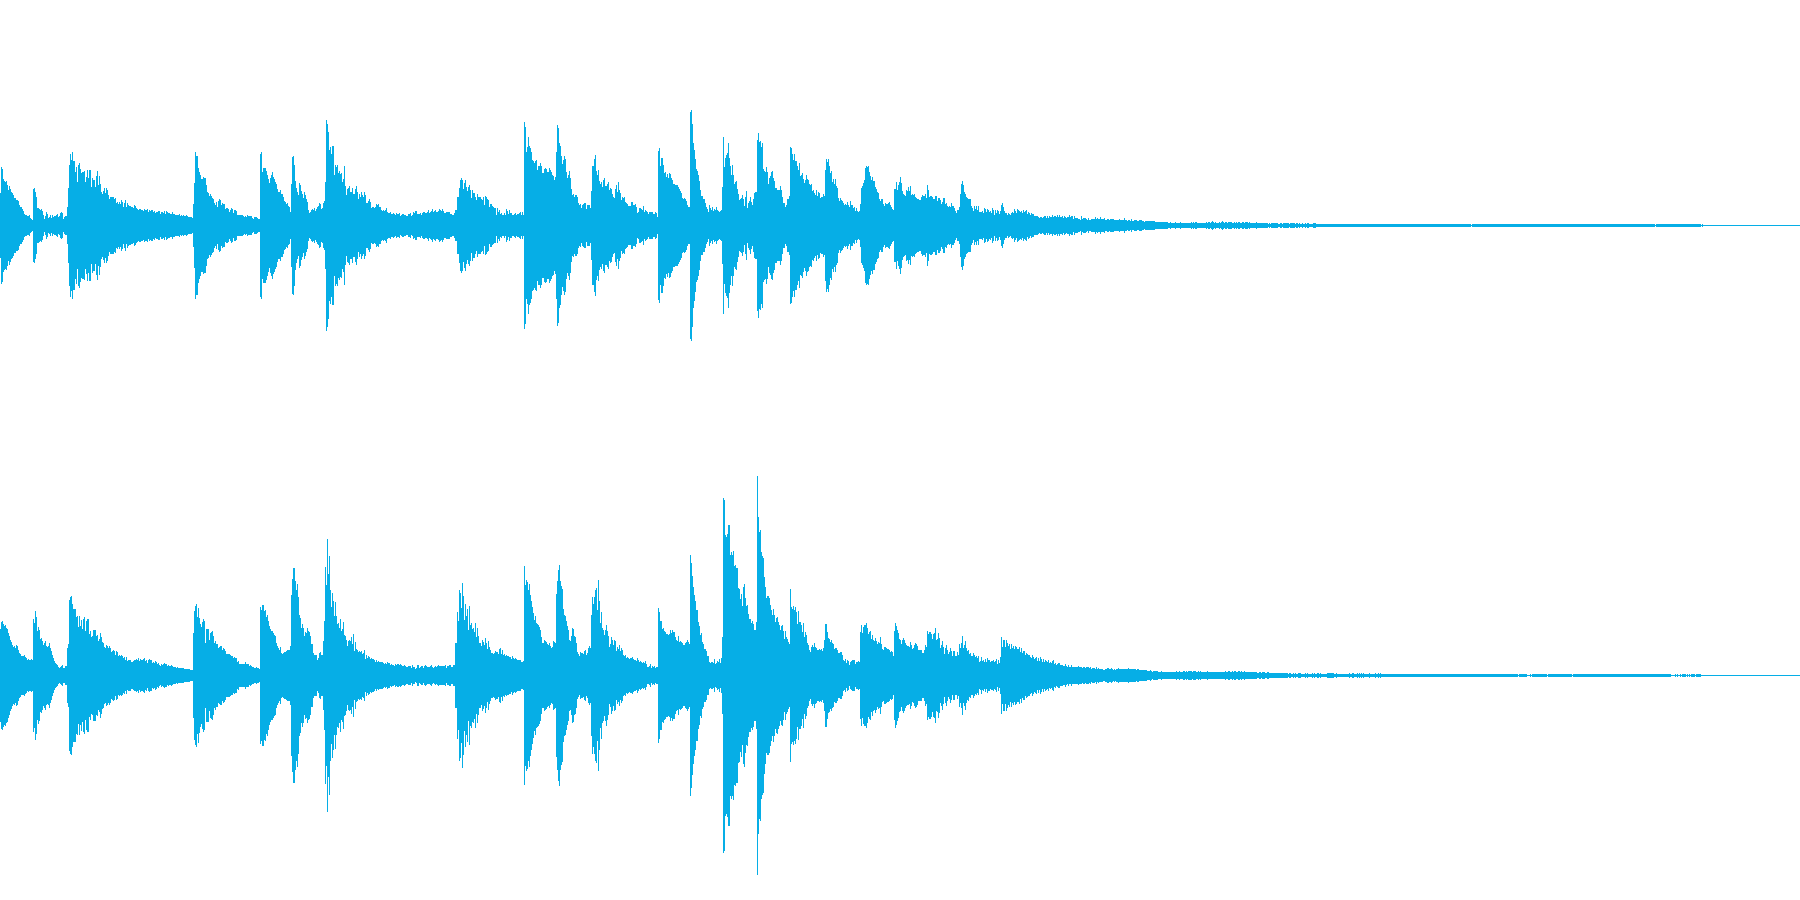 和風のジングル14-ピアノソロの再生済みの波形